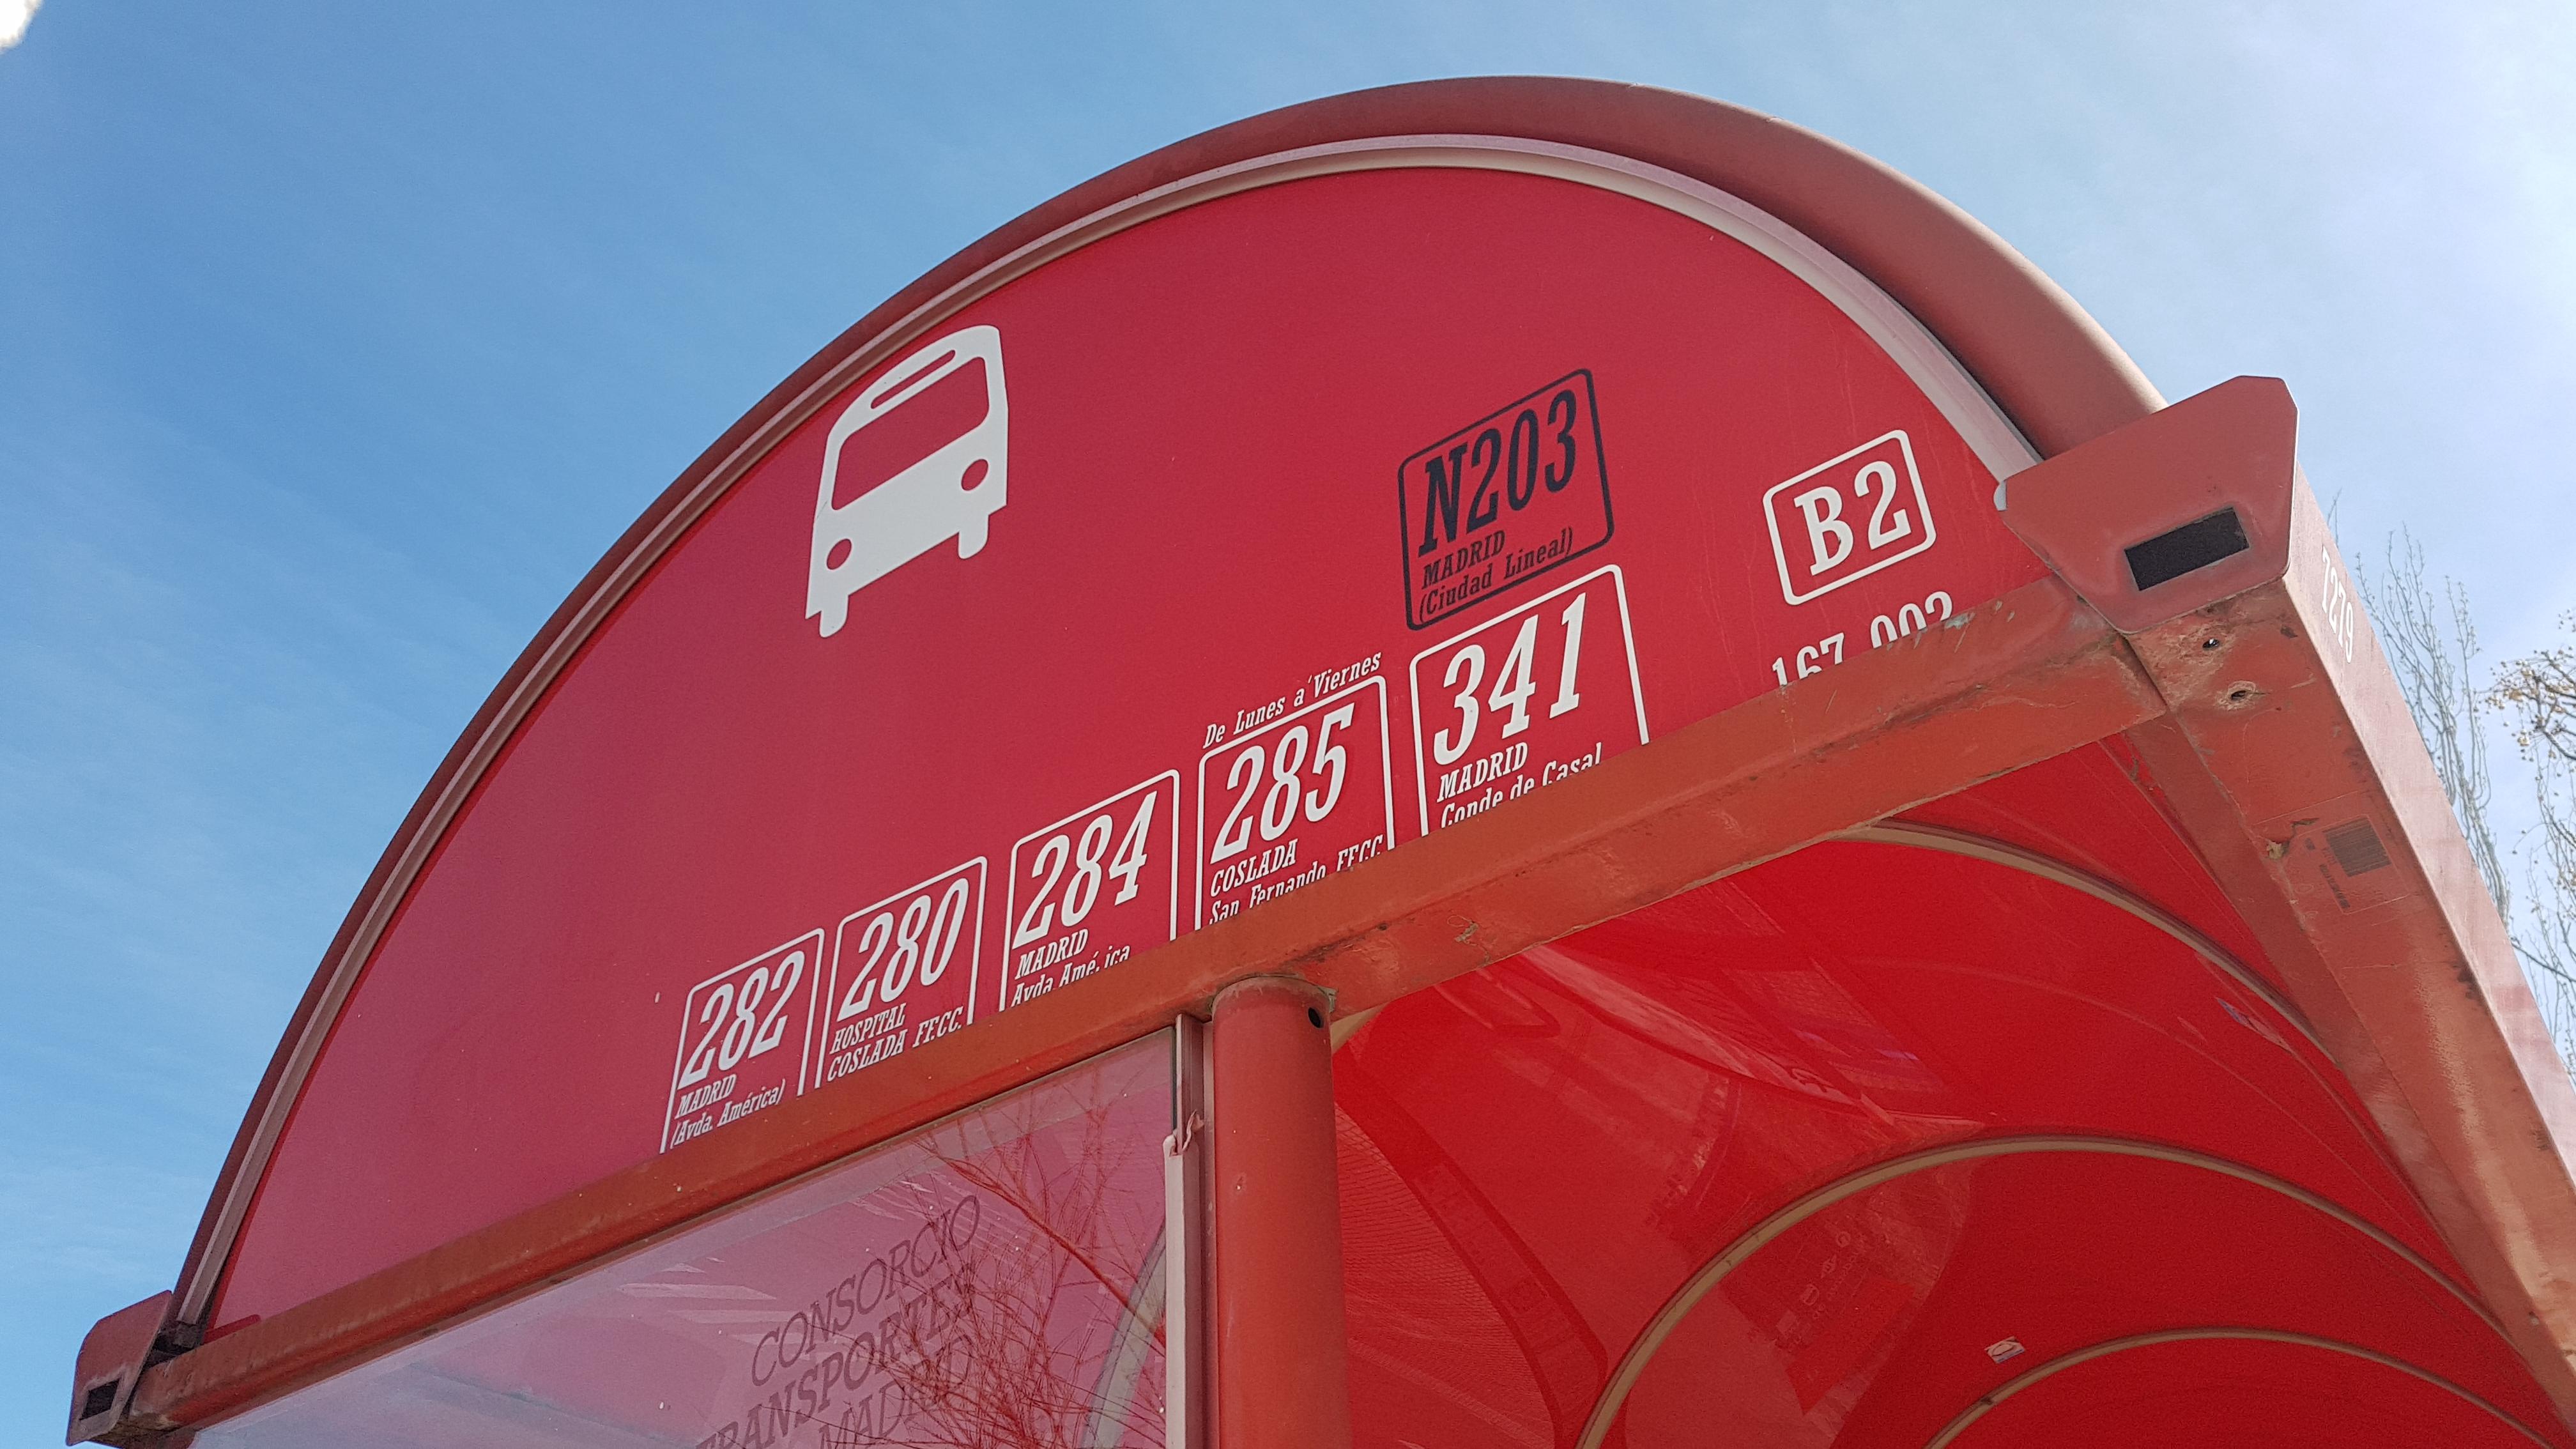 Ampliación de horarios autobuses durante los días laborales a partir del 25 de mayo